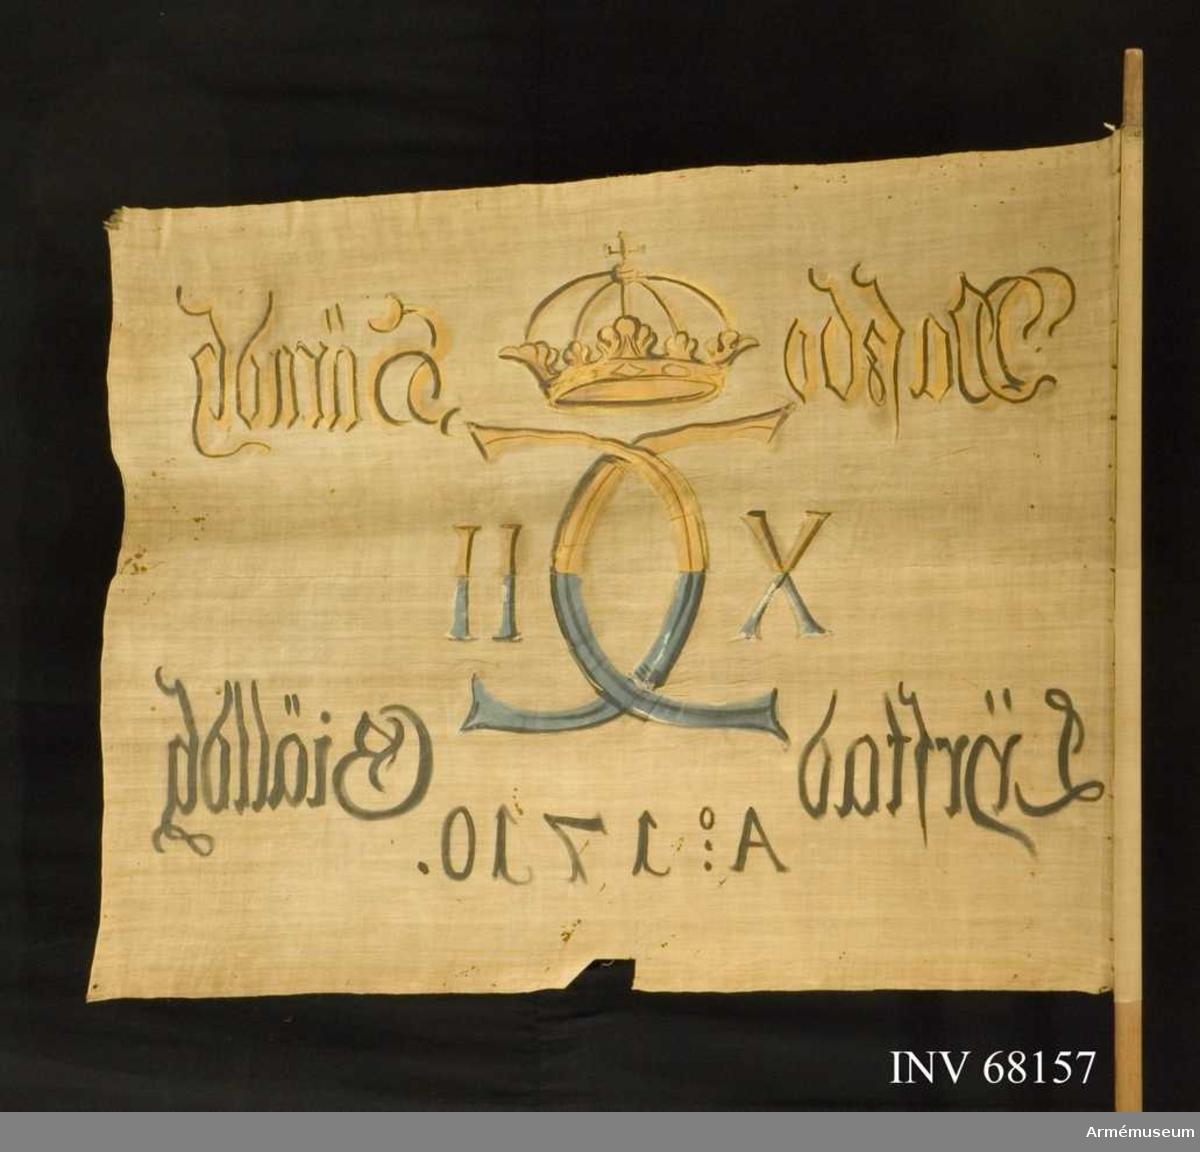 Duk av enkel vit linnelärft, sydd av två horisontella våder. Fäst med en rad mindre järnnagel på en läderremsa.  Dekor: Målad, endast på dukens insida, i mitten Karl XII:s namnchiffer, dubbelt C, med X -II, på ömse sidor. Krönt med sluten krona, i gult och brunt på den övre våden, i blått och svart på den nedre. Text på ömse sidor om chiffret, upptill i gult och brunt, nedtill i svart. Under chiffret text i svart.  Stång: Tillverkad av furu.